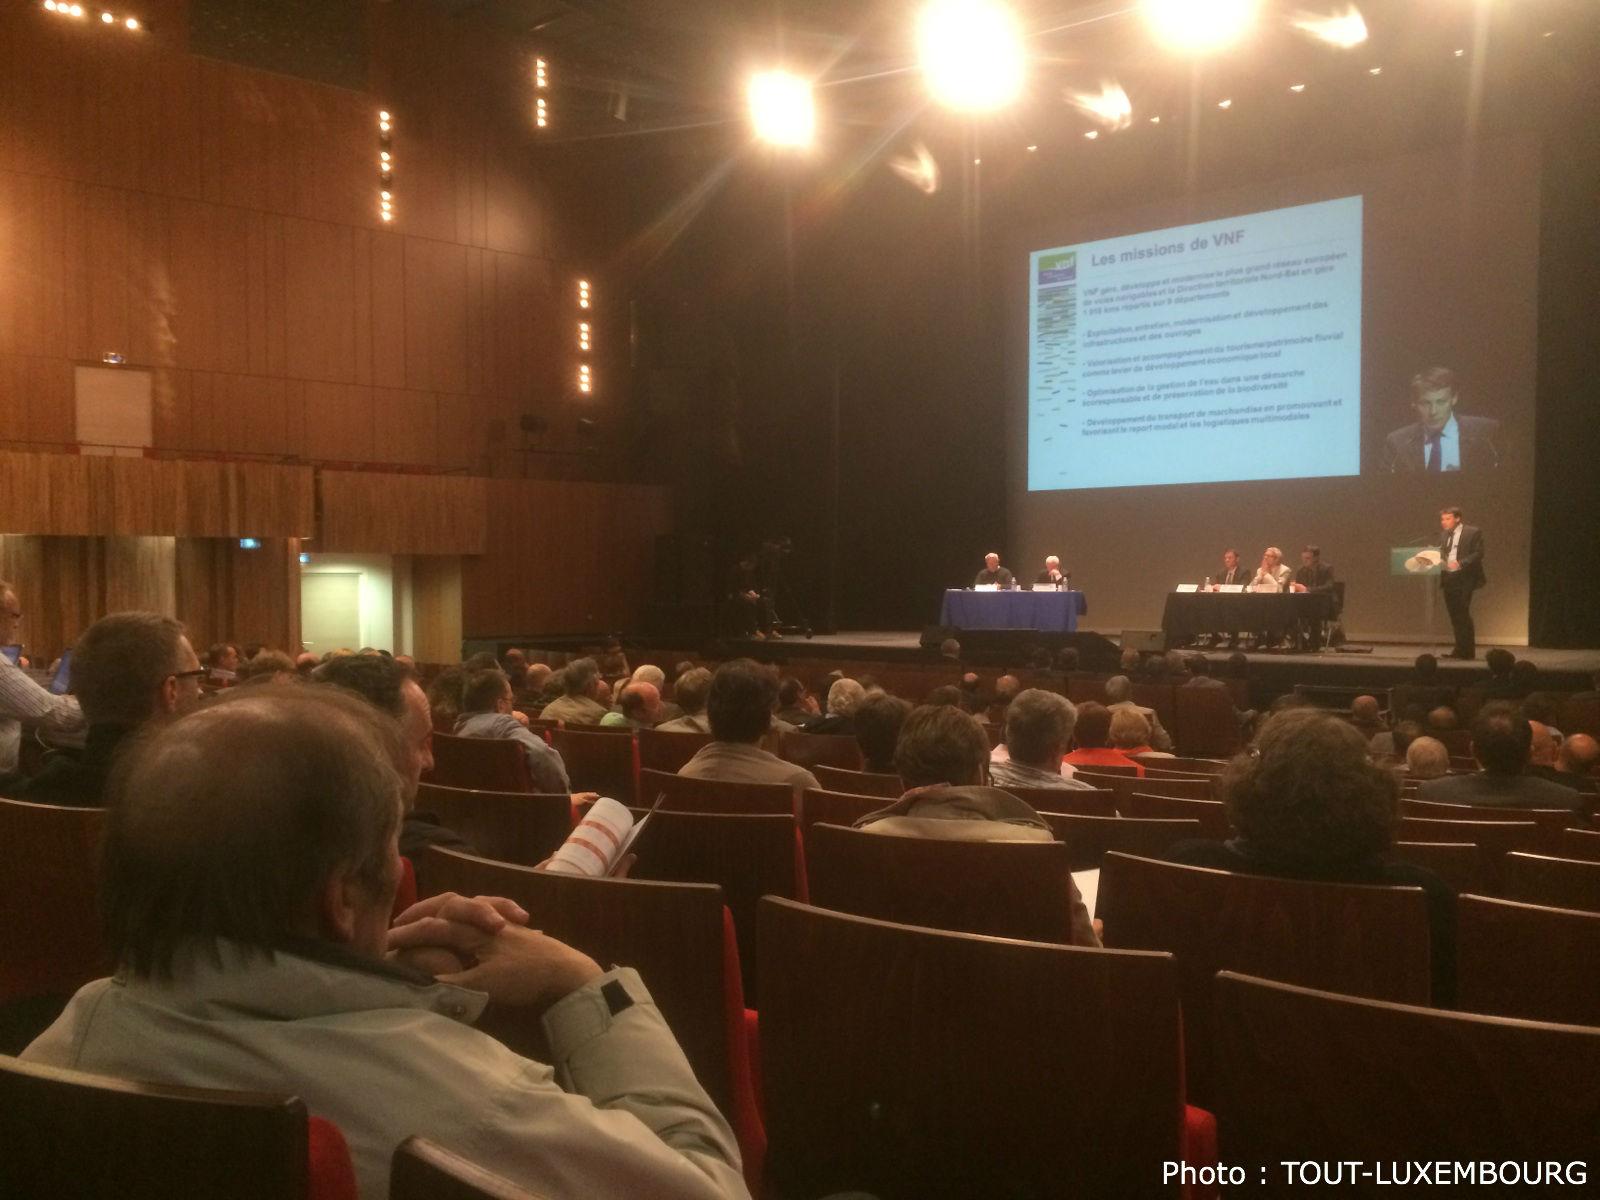 A31bis : les solutions proposées par le Luxembourg pour aider les frontaliers